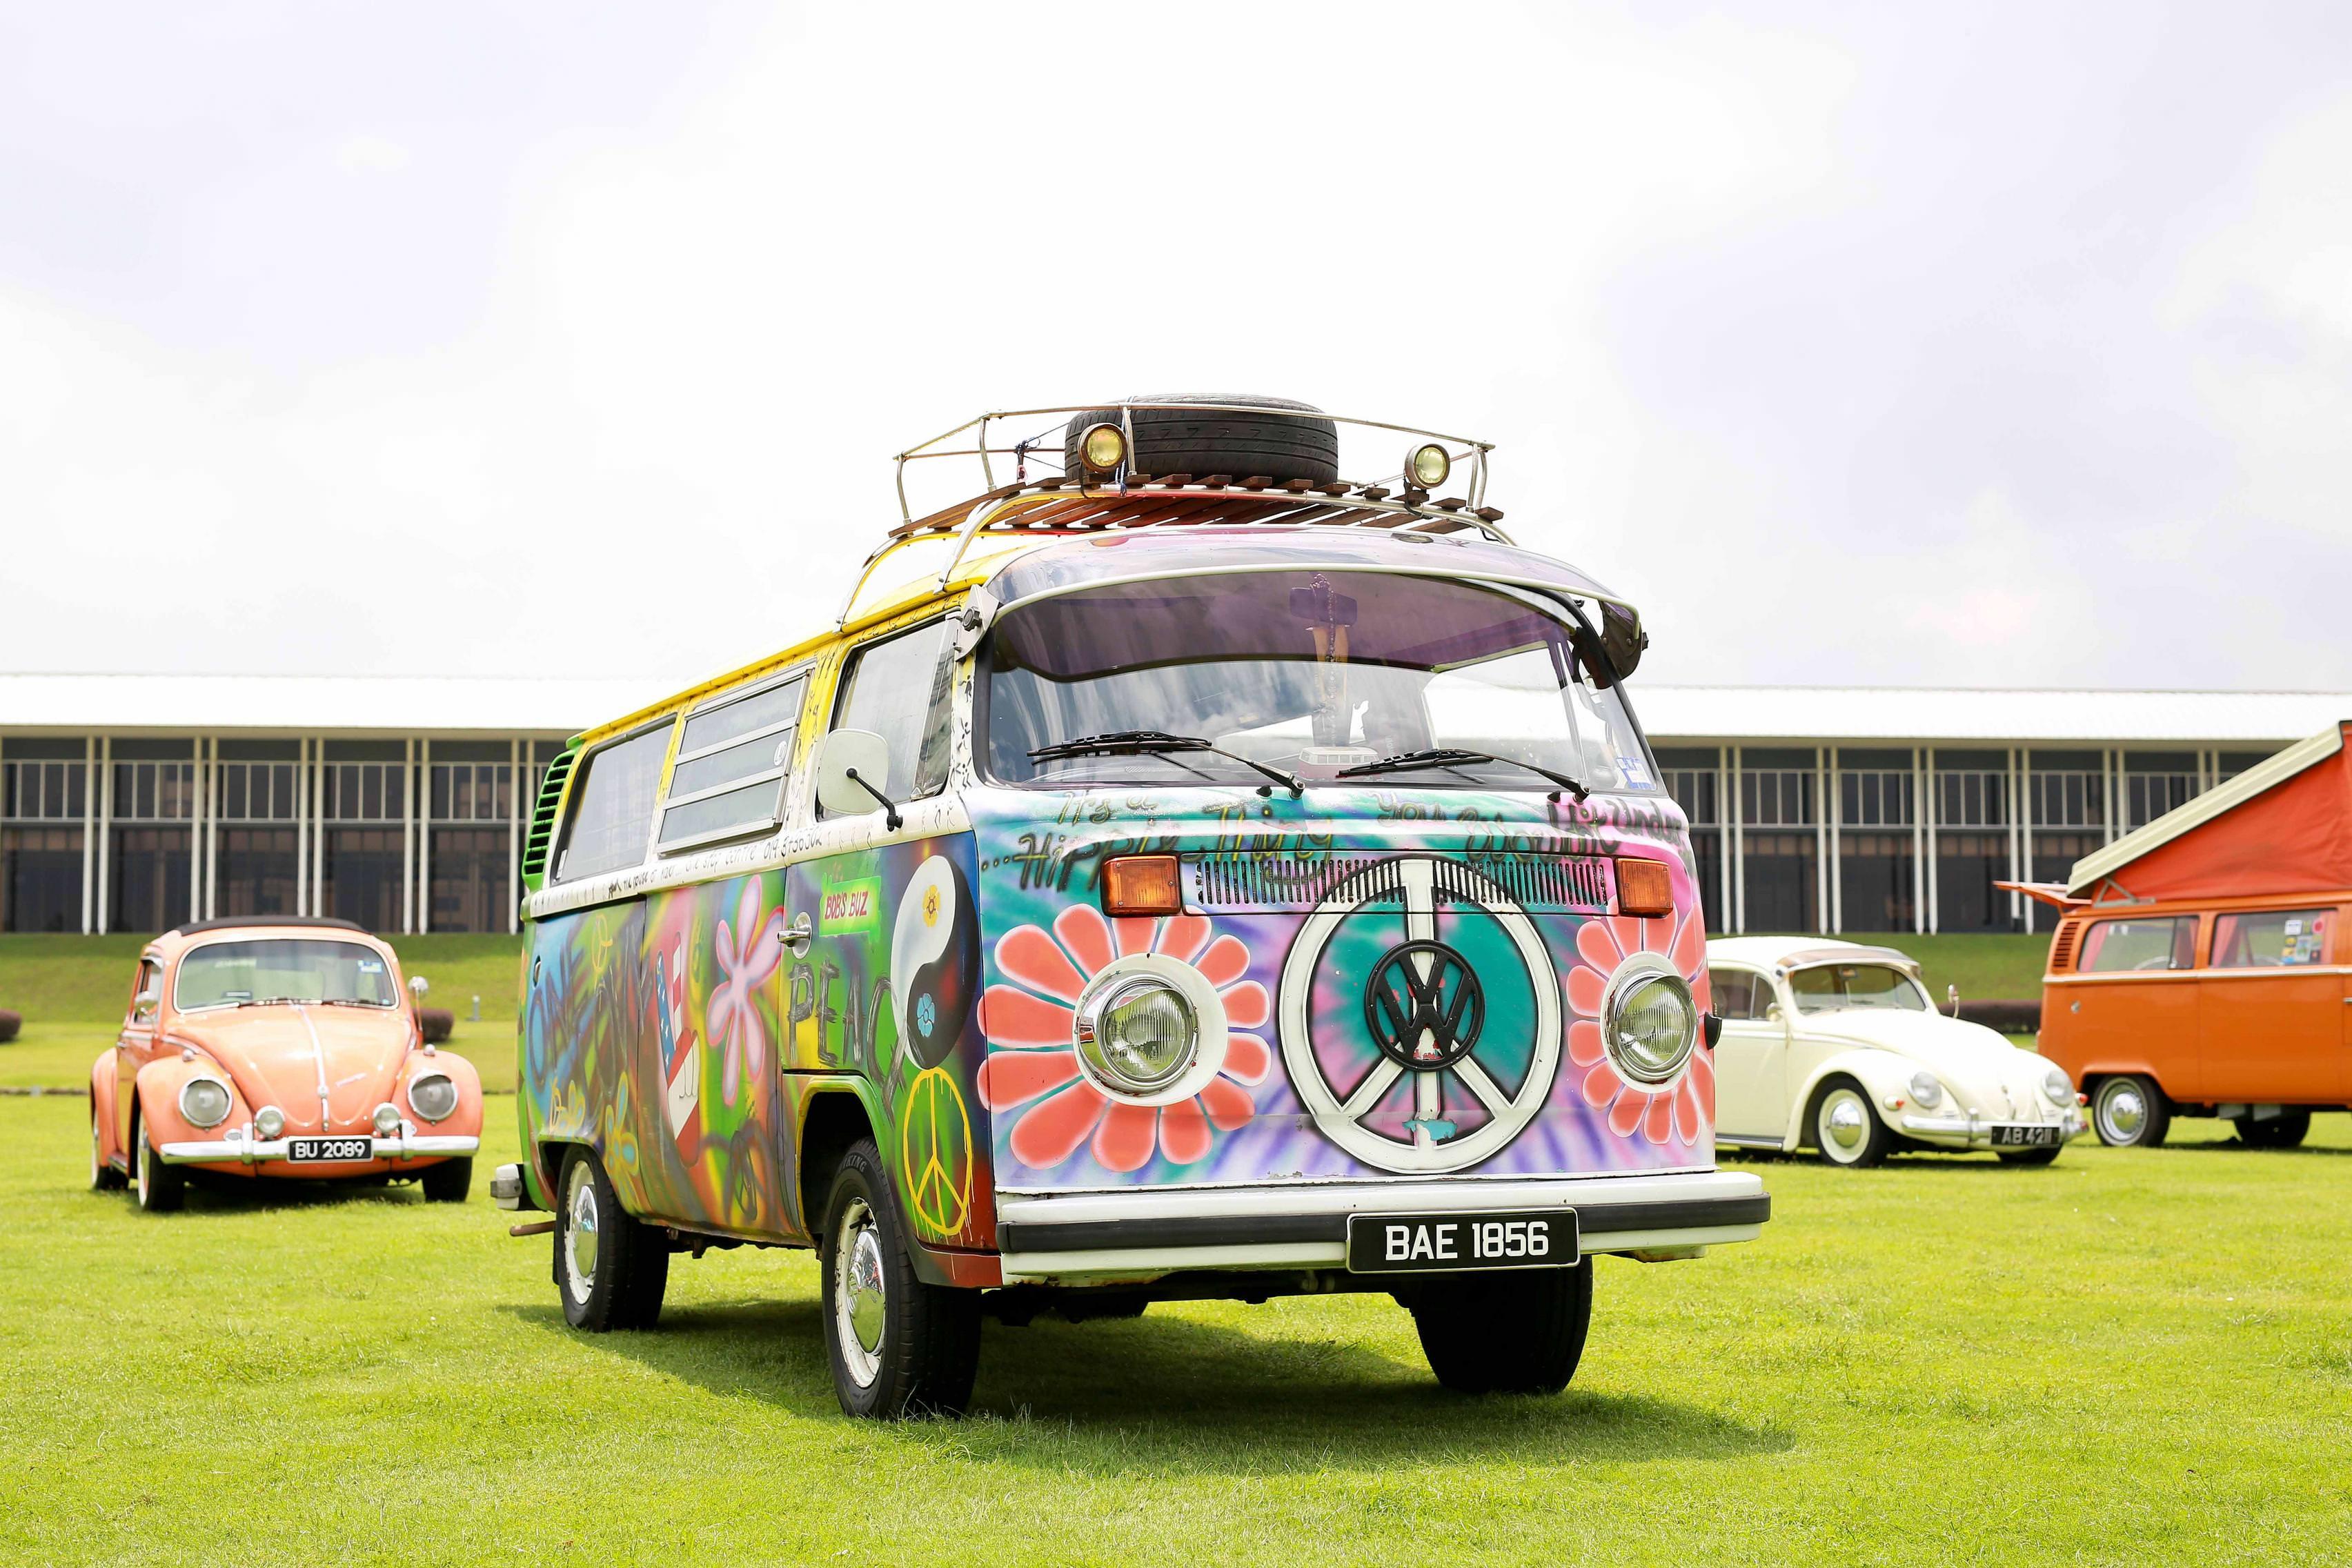 Image from Volkswagen